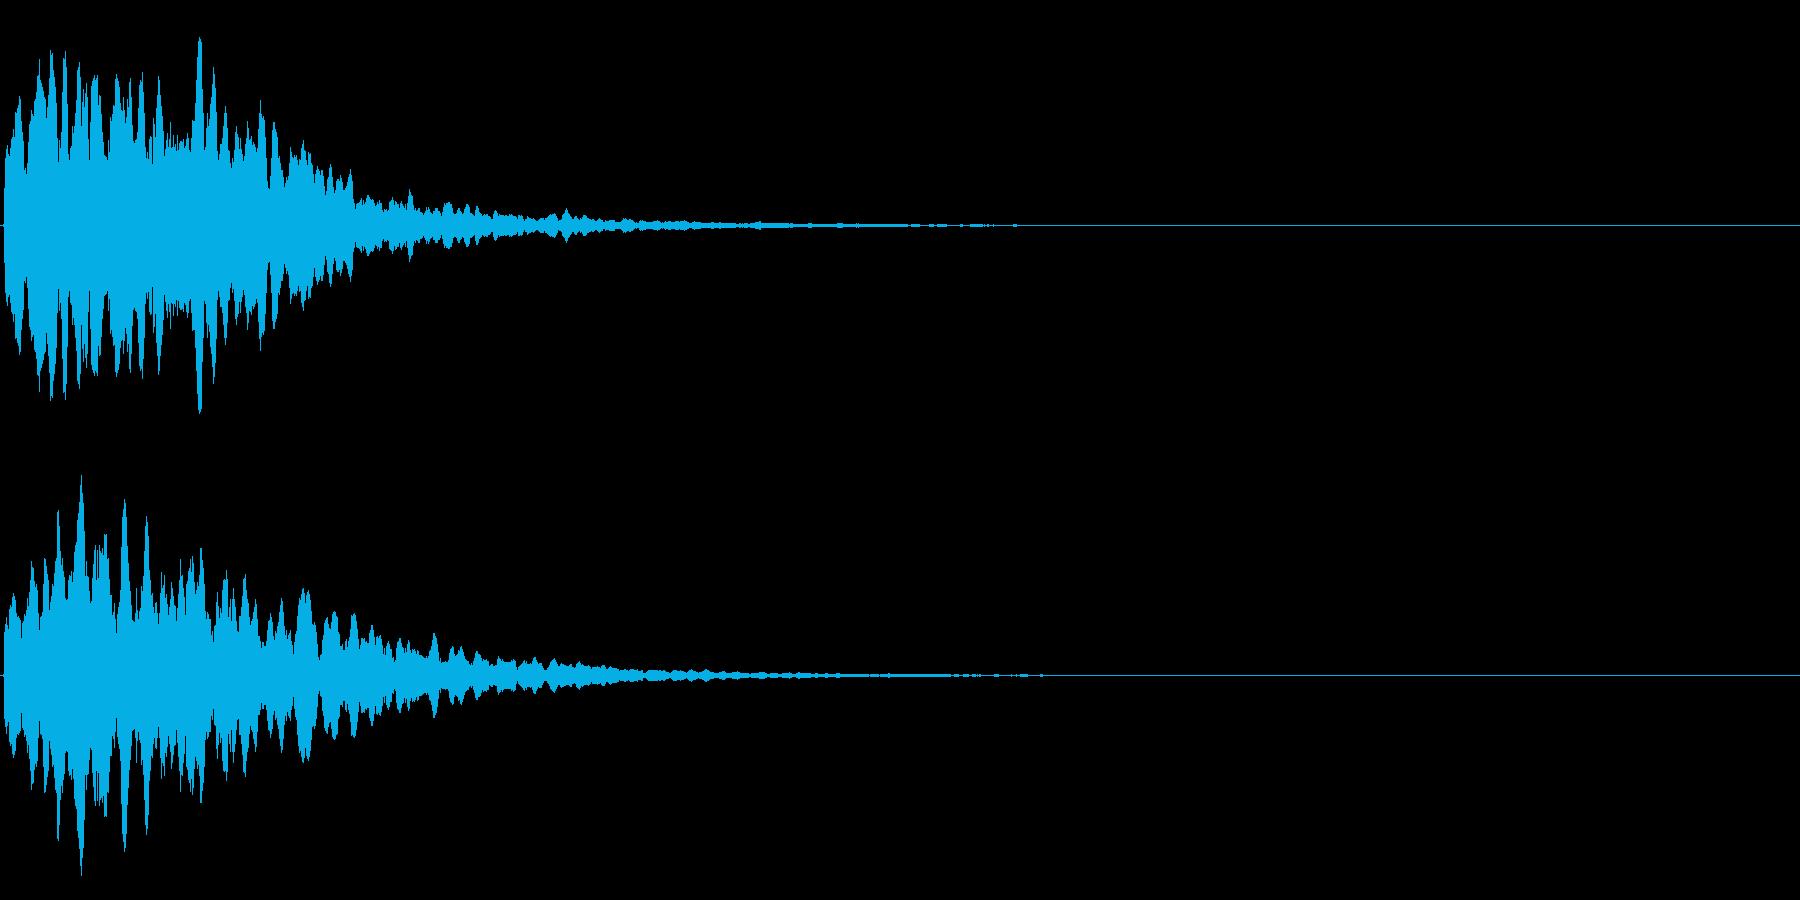 ゲームスタート、決定、ボタン音-108の再生済みの波形